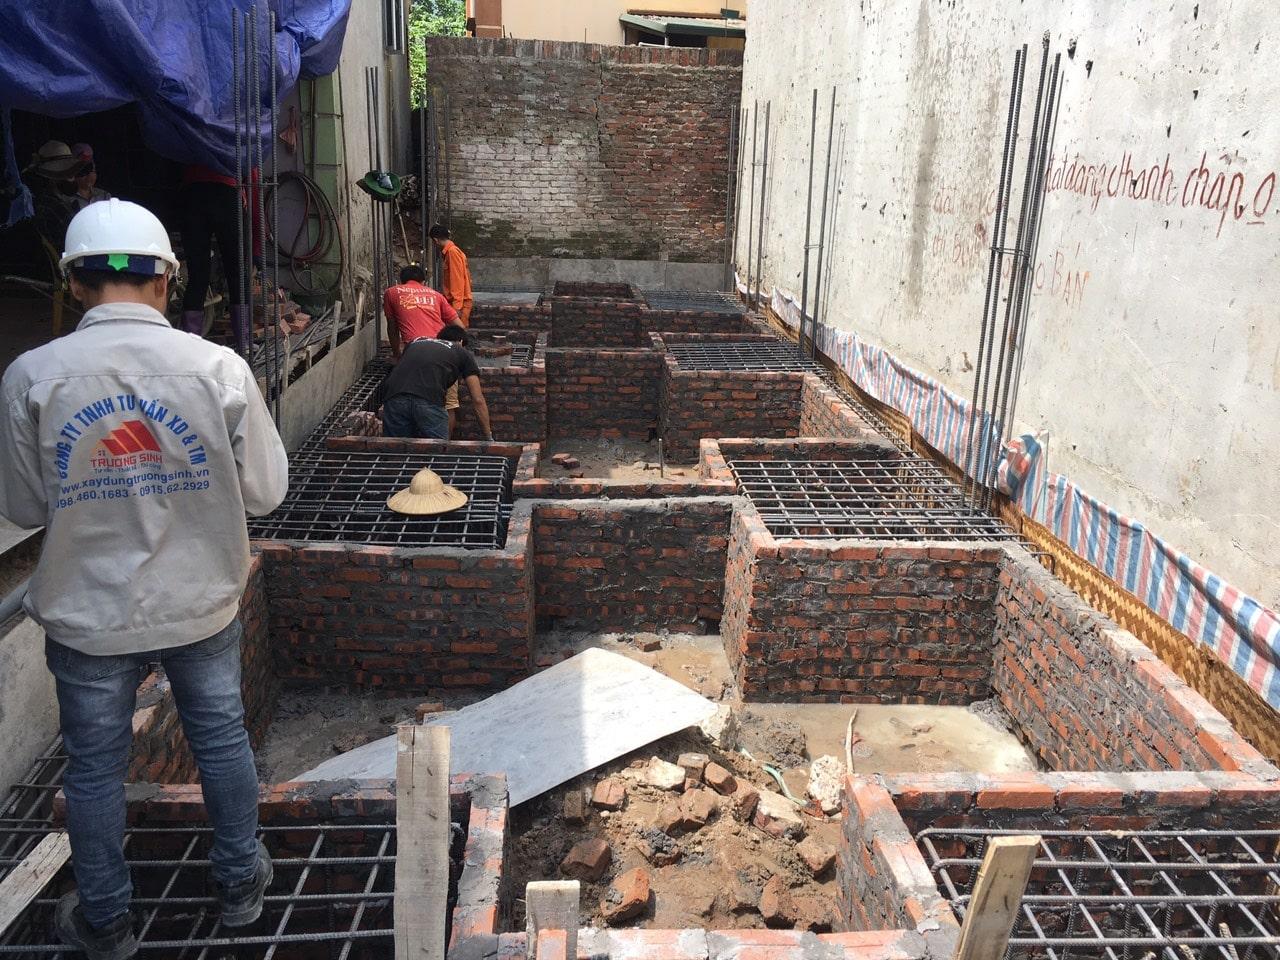 Báo giá xây nhà trọn gói tại Hà Nội năm 2020 | Miễn phí thiết kế |